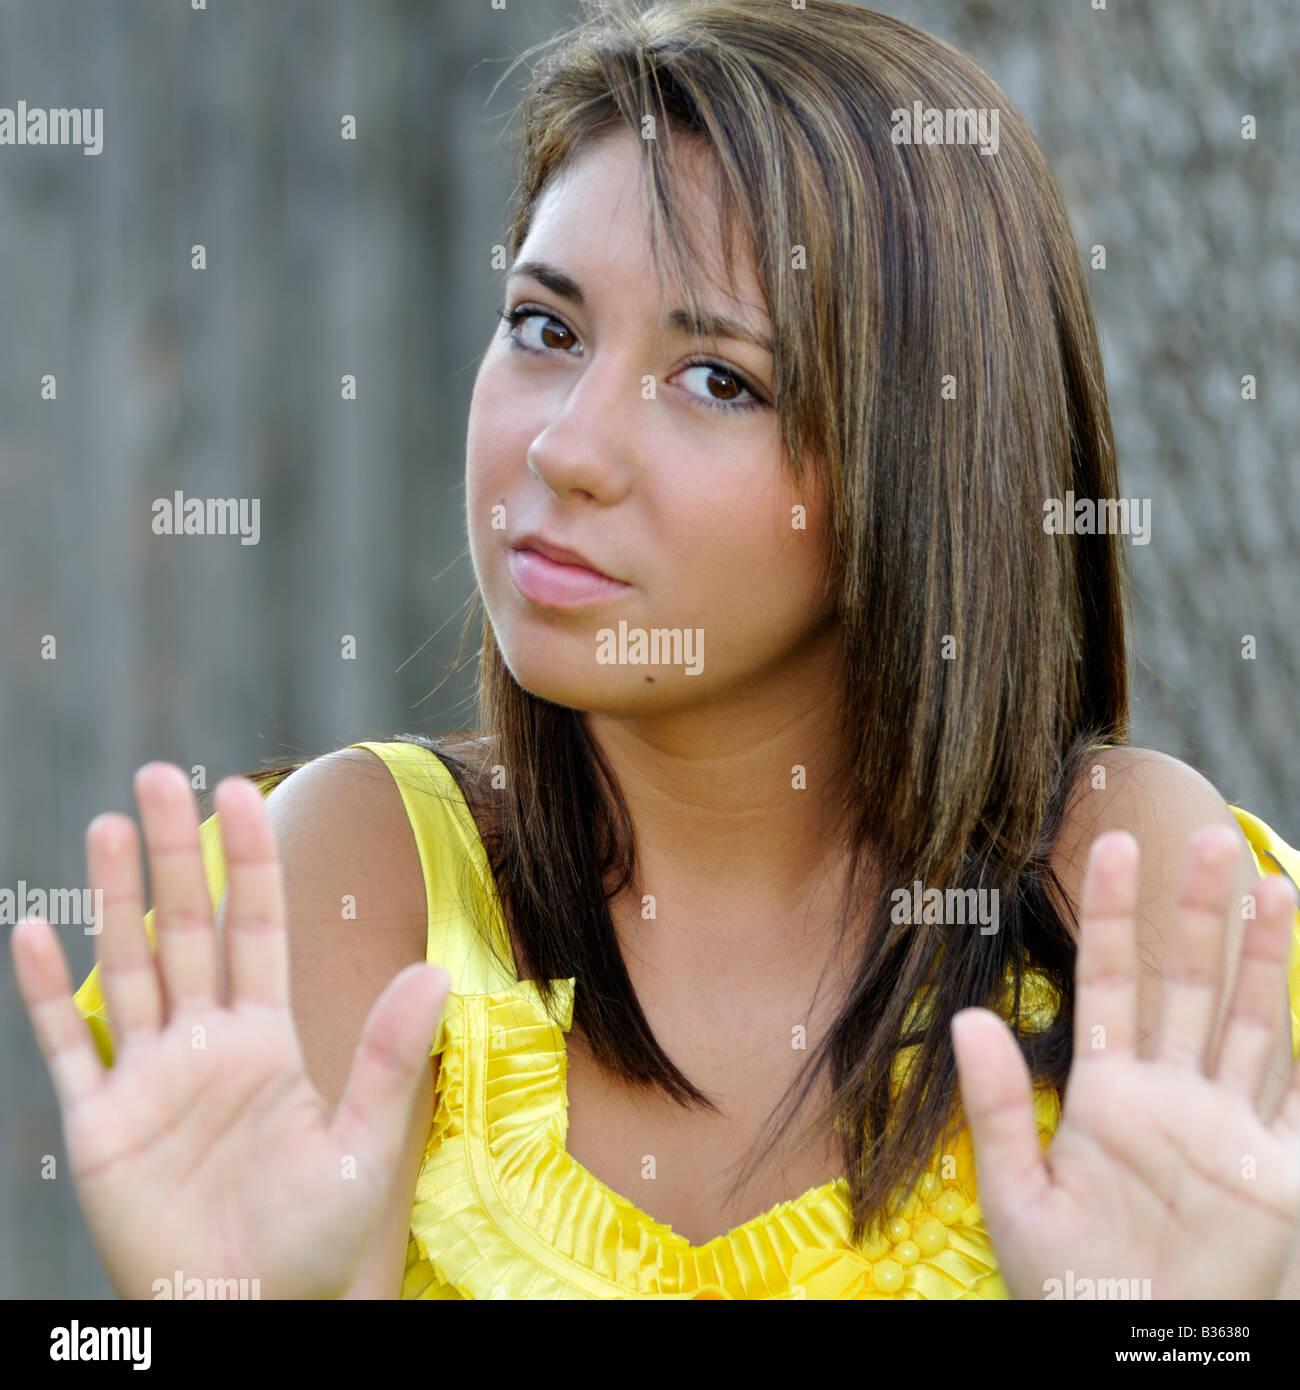 16jahrige Amp Brown Black Hair Charming Die Eirlys Ist